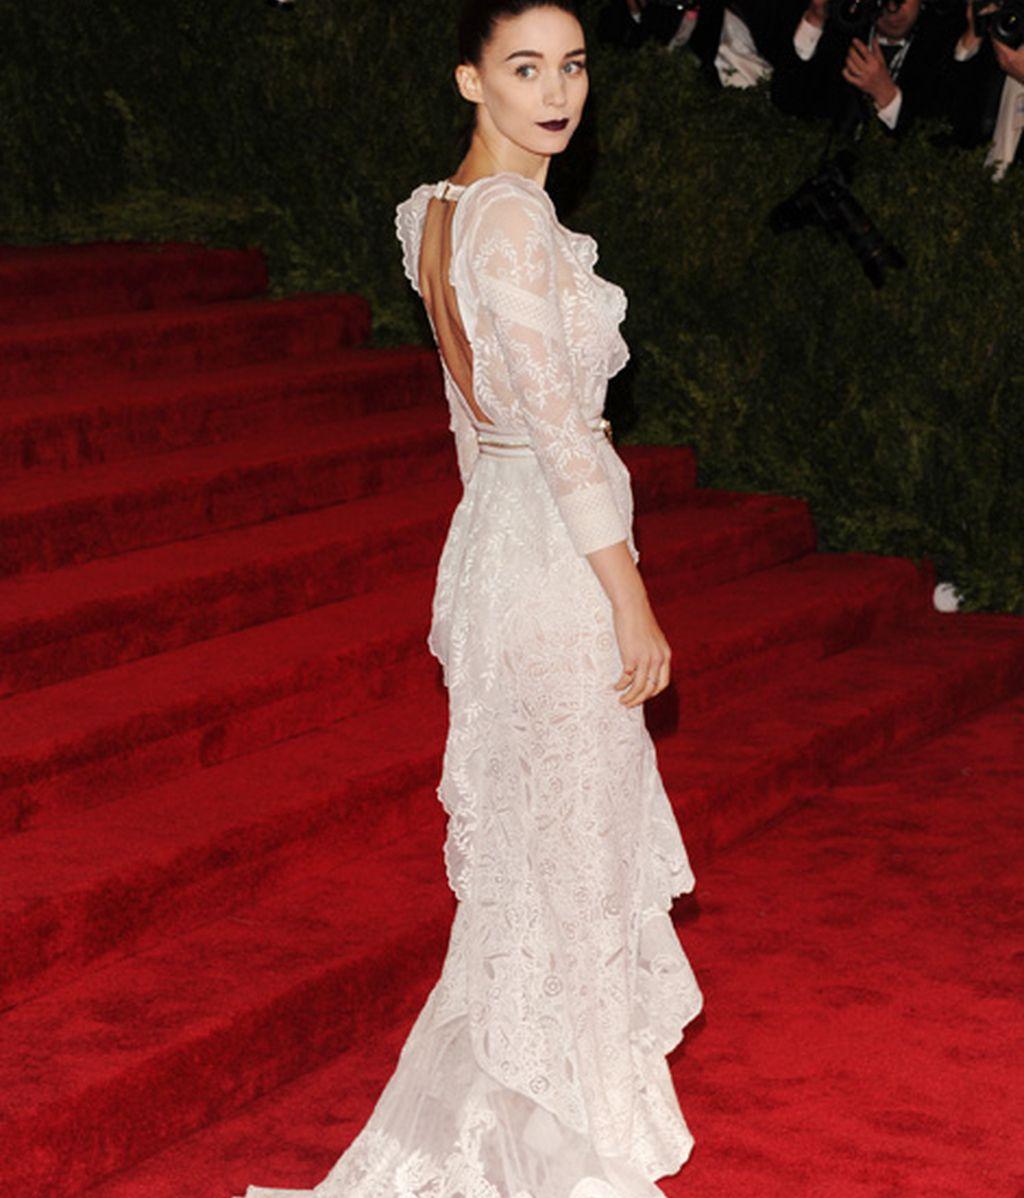 Rooney Mara de Givenchy por Ricardo Tisci